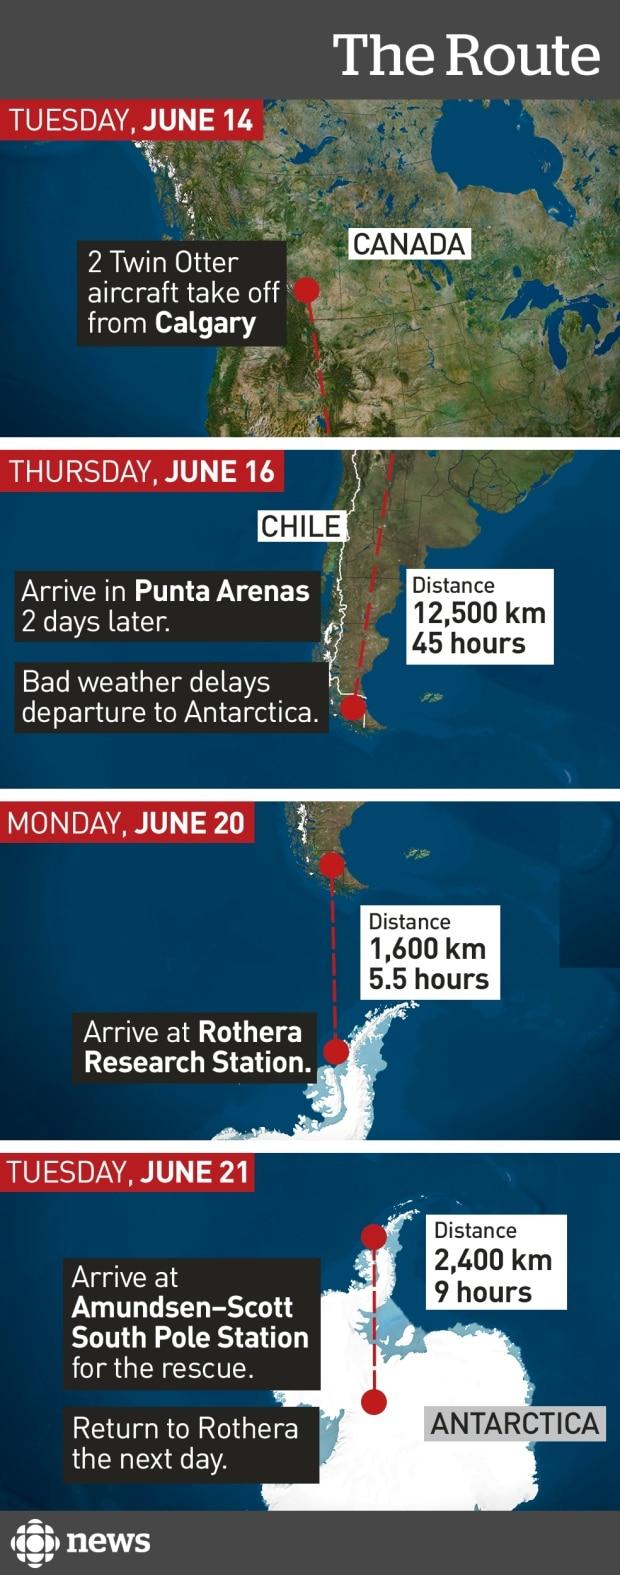 kenn-borek-air-antarctic-rescue-route